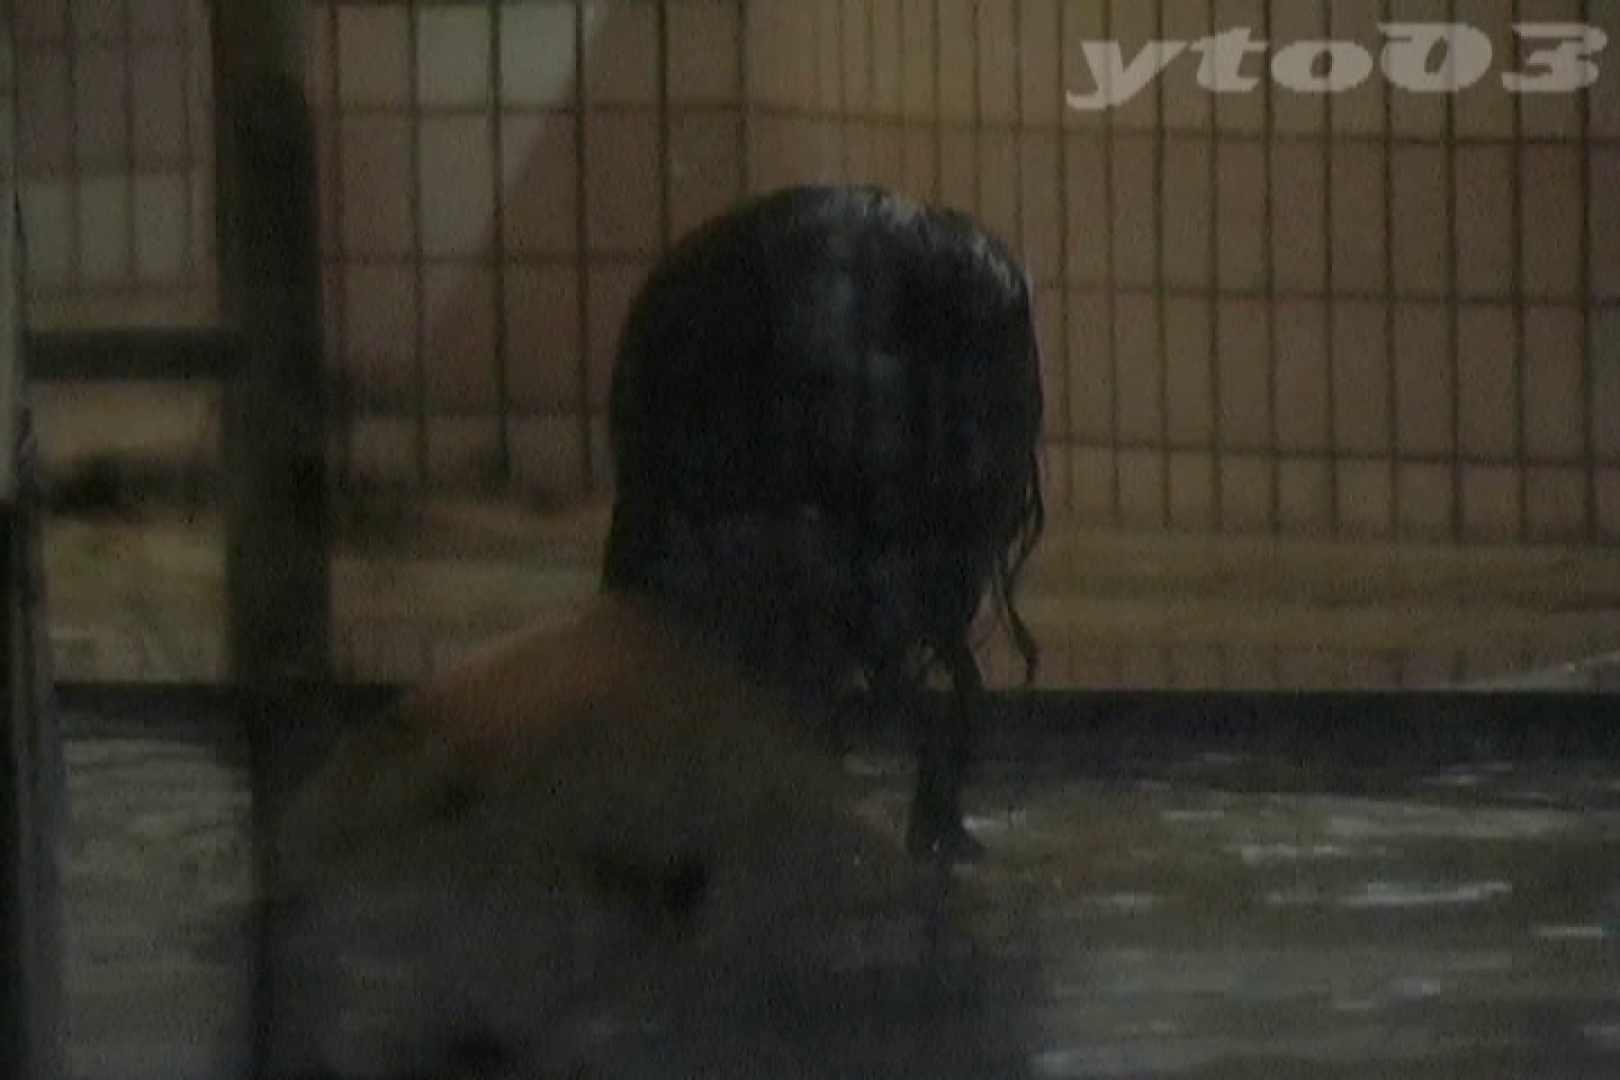 ▲復活限定▲合宿ホテル女風呂盗撮 Vol.20 女風呂 すけべAV動画紹介 91枚 45